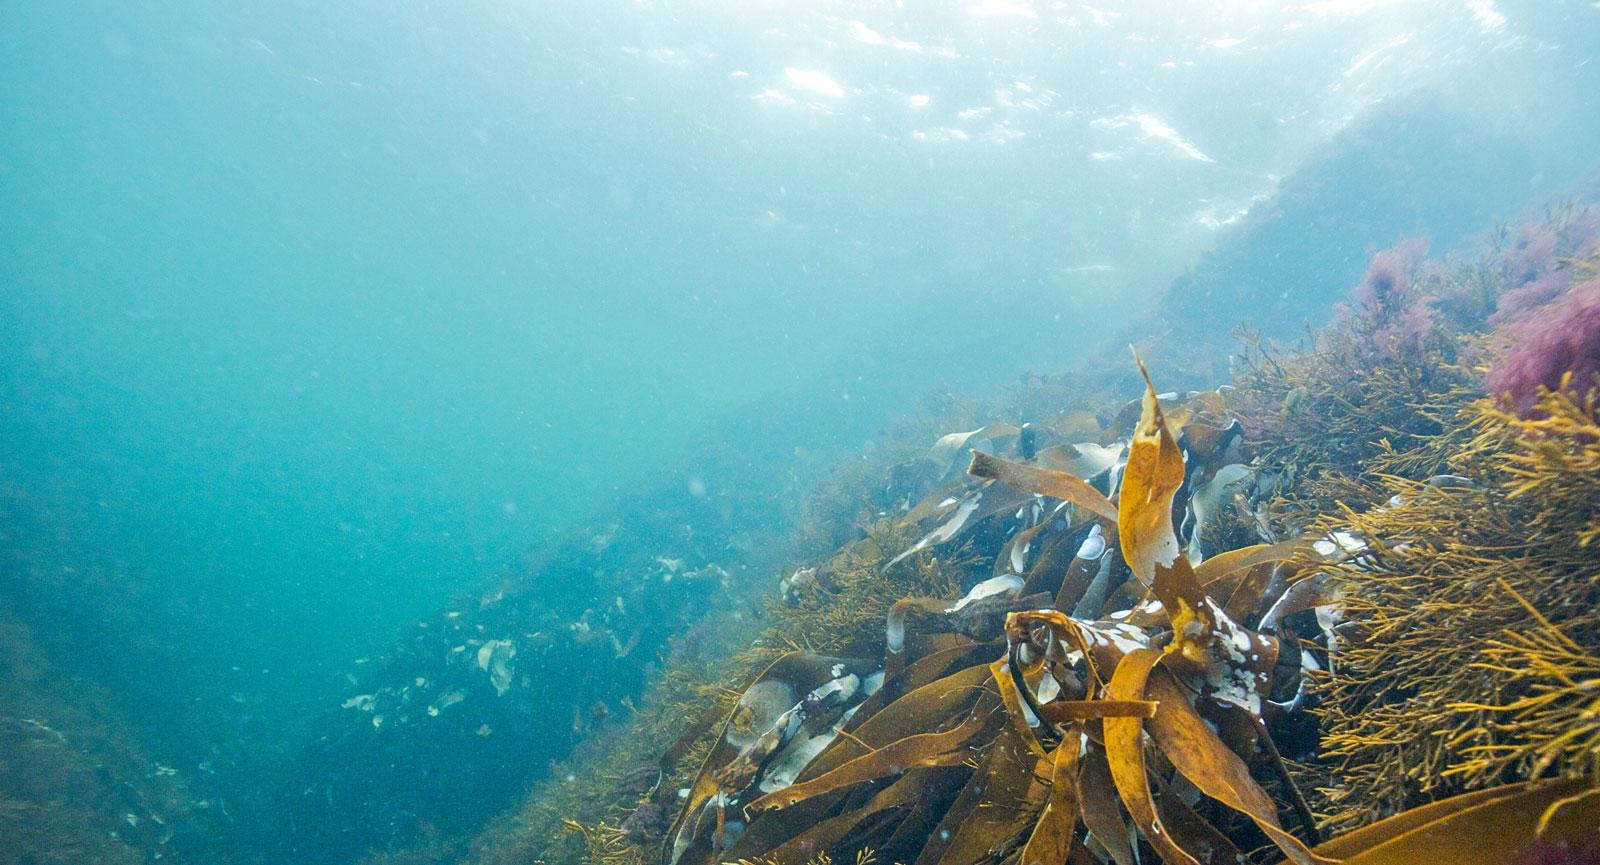 Undervattensskog med stora brunalger som vajar i vågorna. Foto: Lars-Ove Loo.